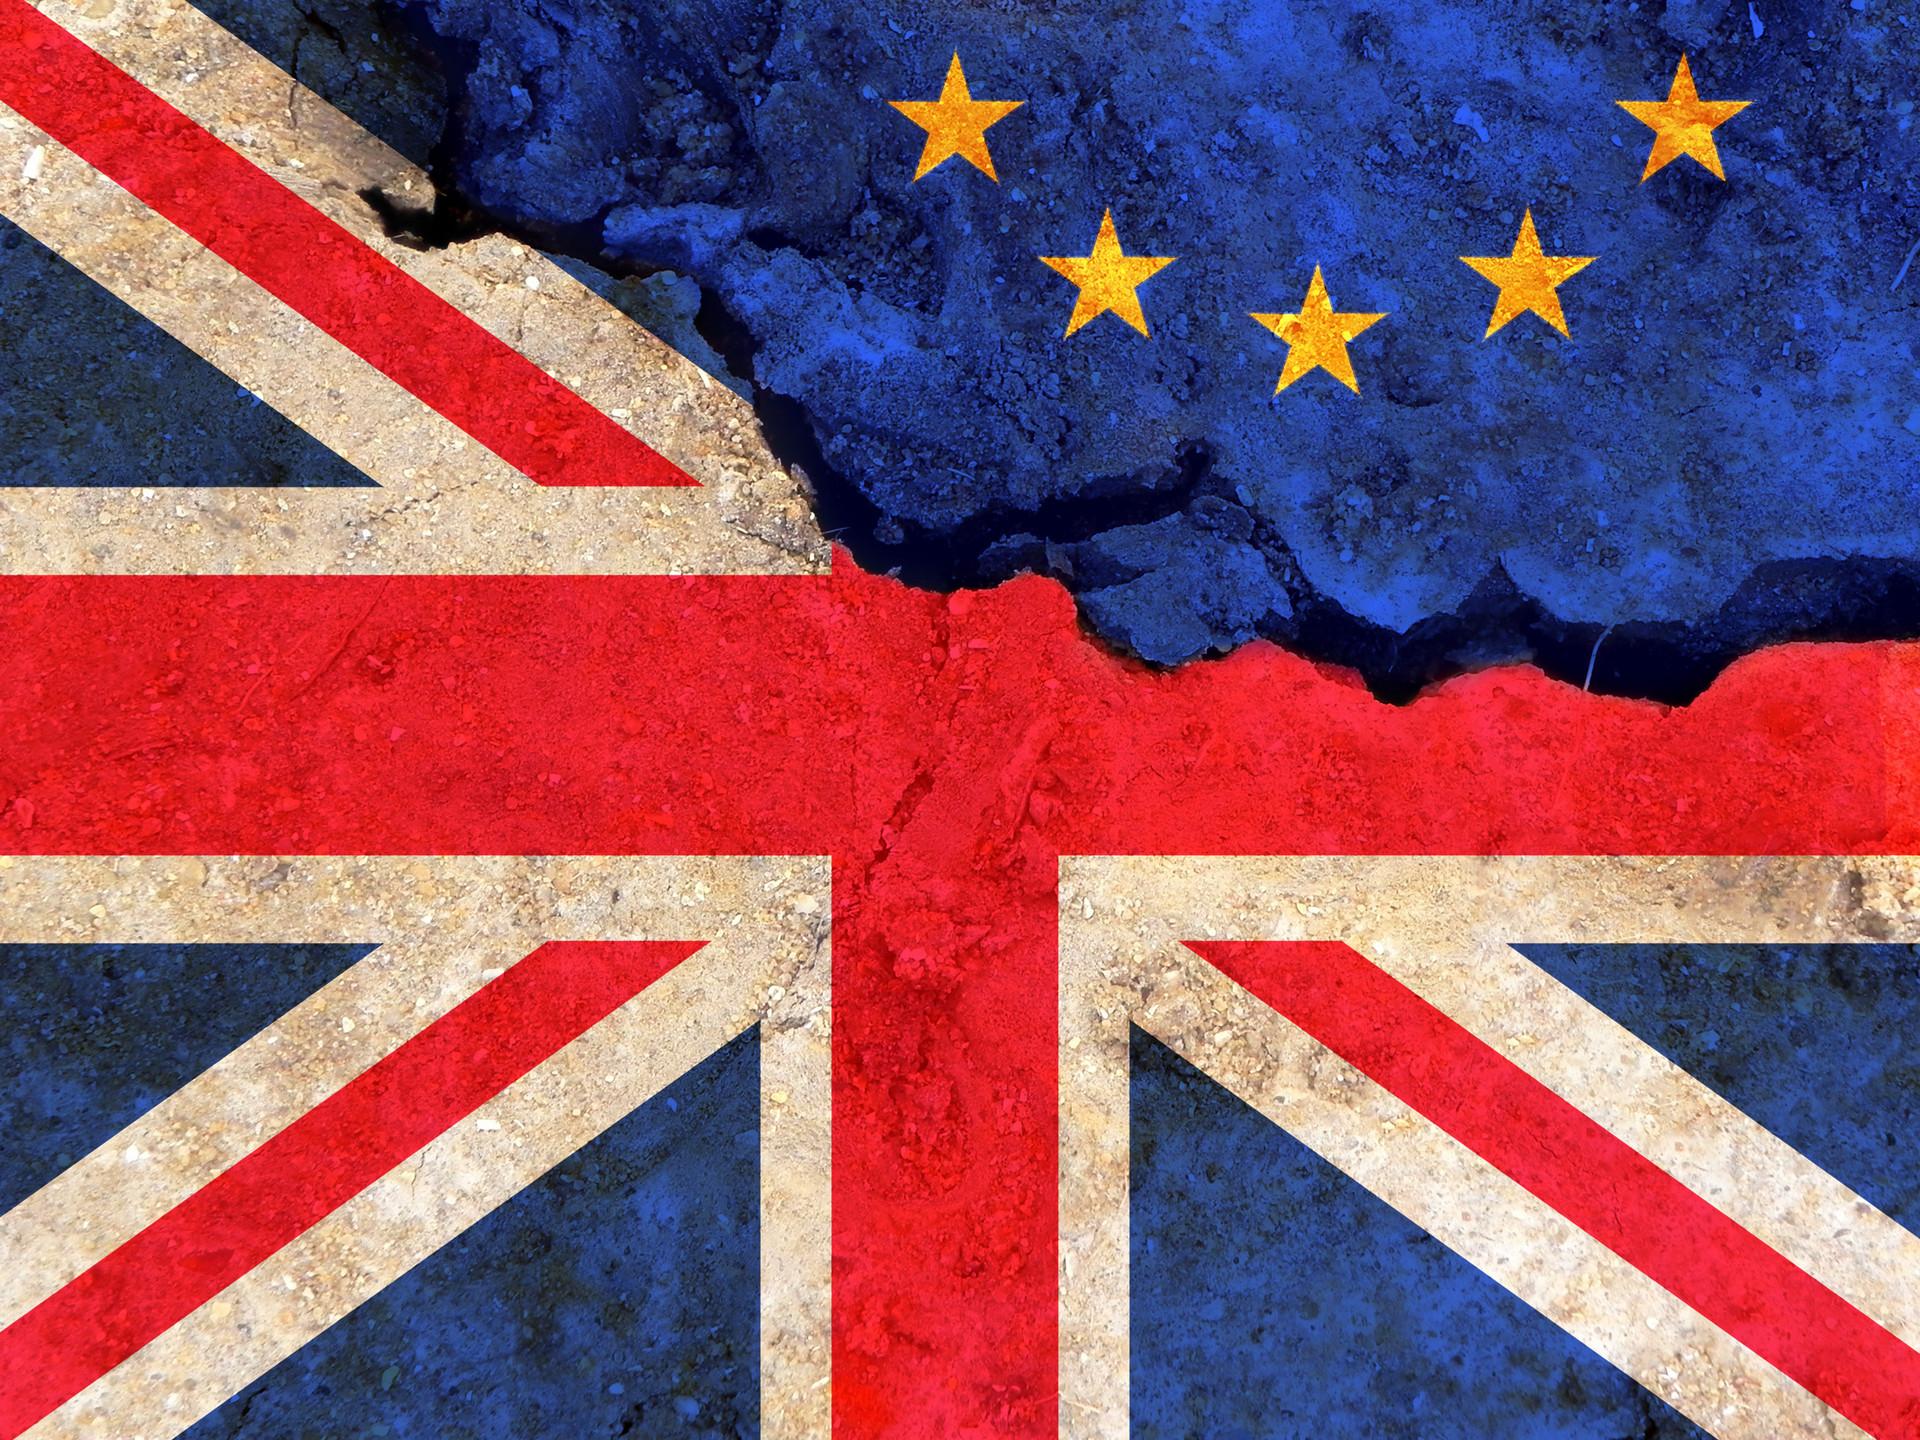 欧盟押注工业数据 全球科技行业将迎来新规则